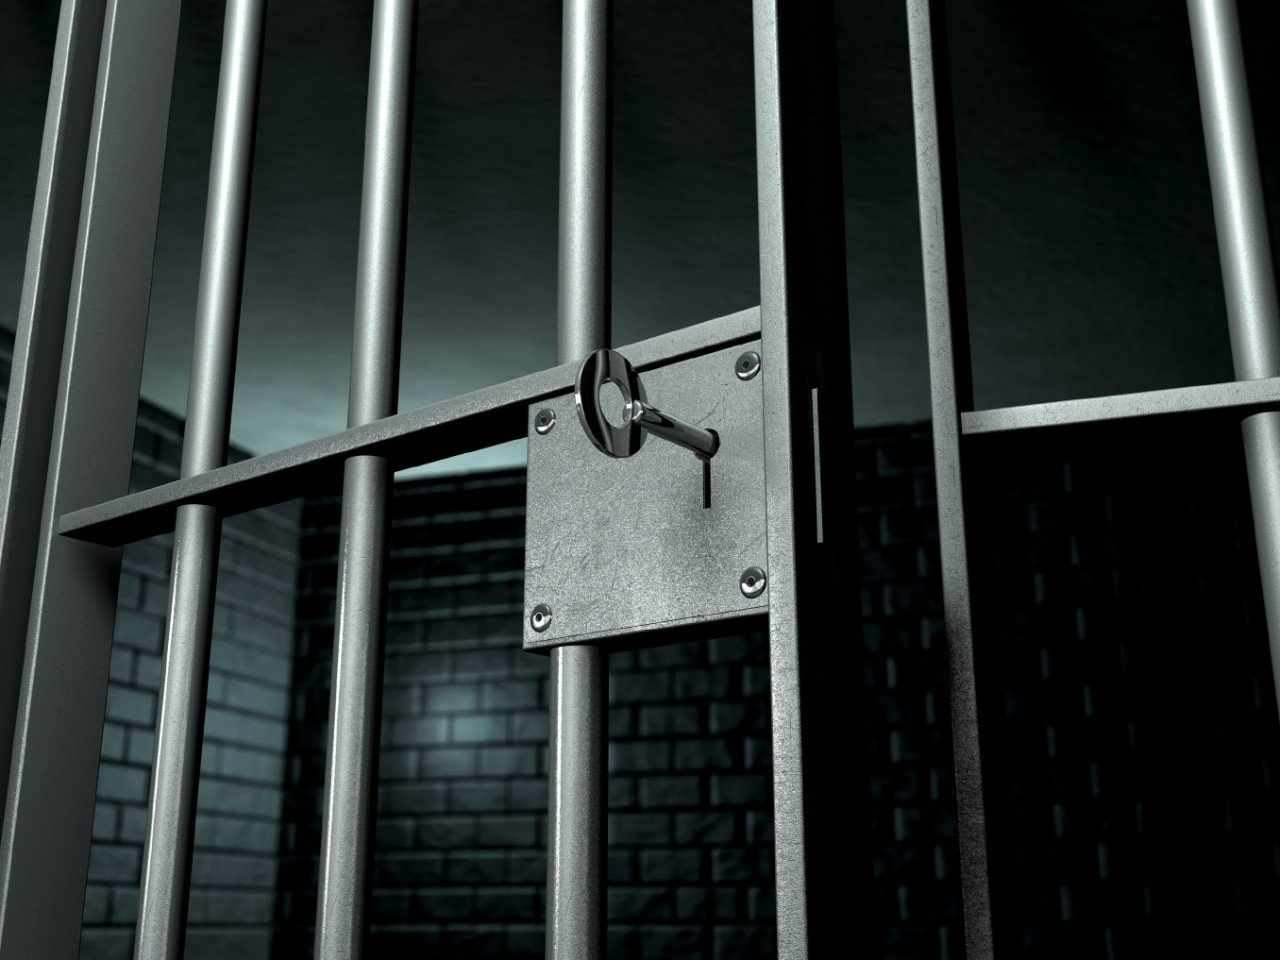 Diário de um agente penitenciário: sexta-feira na cadeia